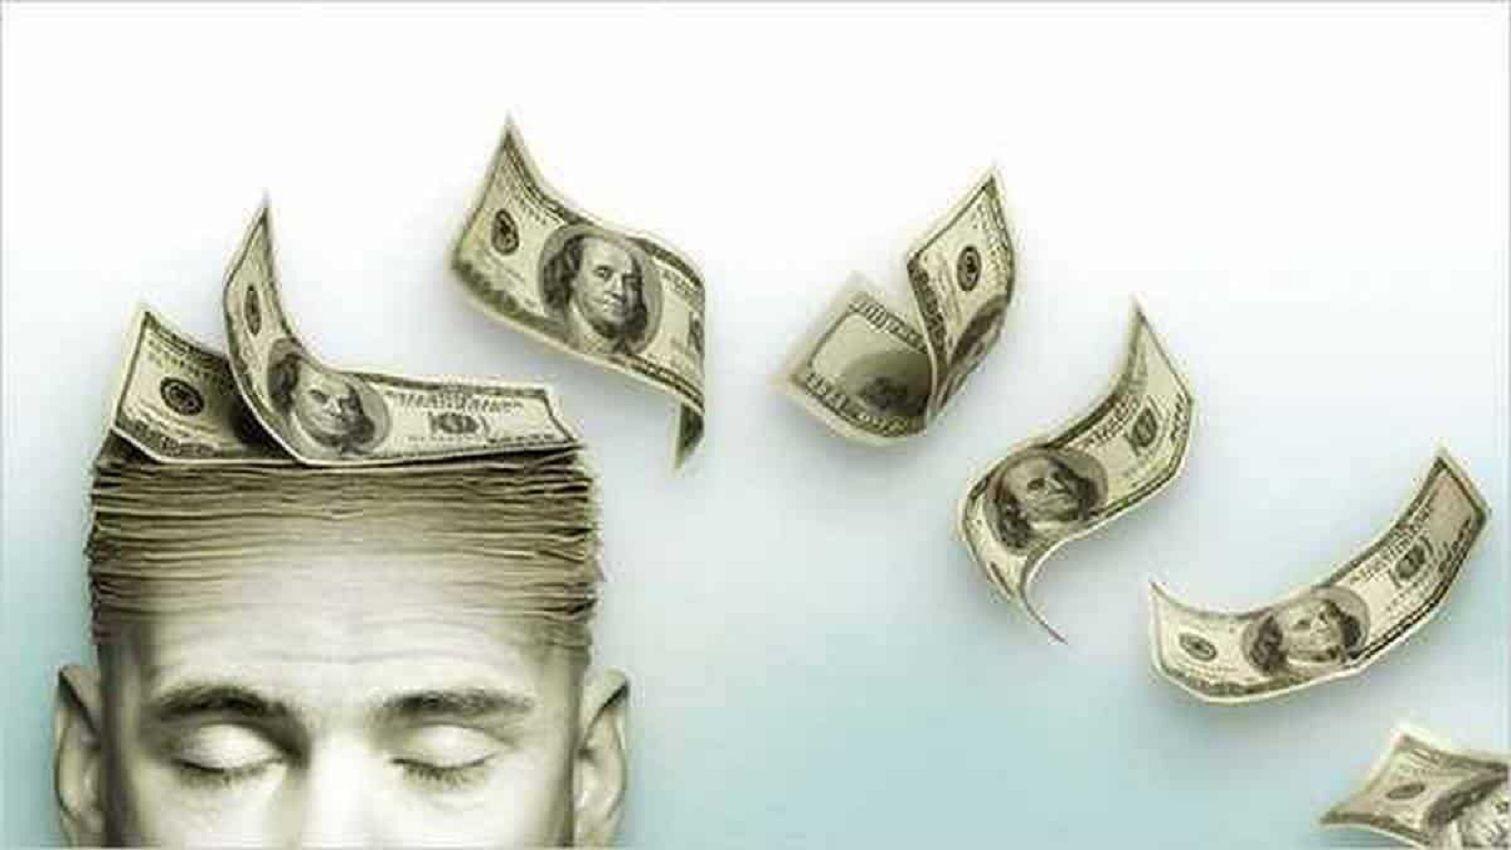 سرمایه گذاری با سود بالا